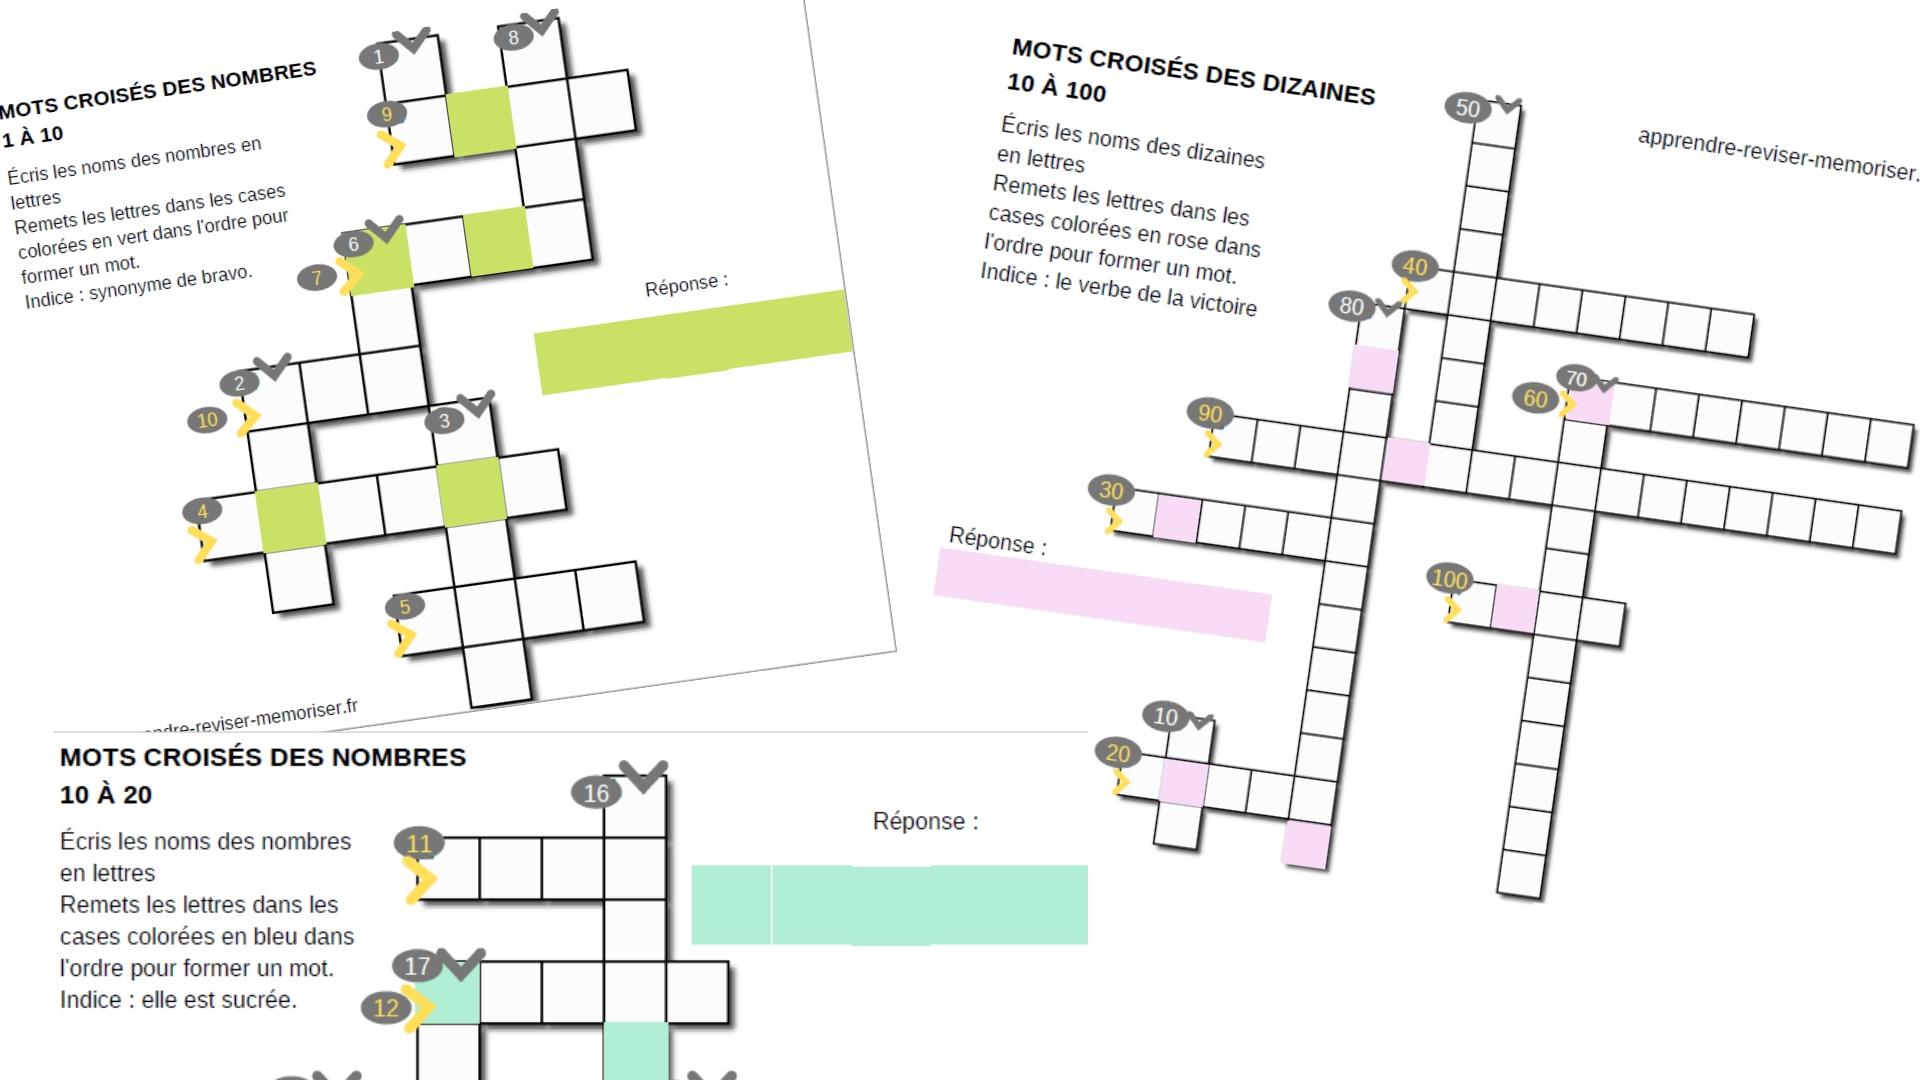 Mots Croisés Des Nombres : 3 Jeux Pour Écrire Le Nom Des concernant Jeux Avec Chiffres